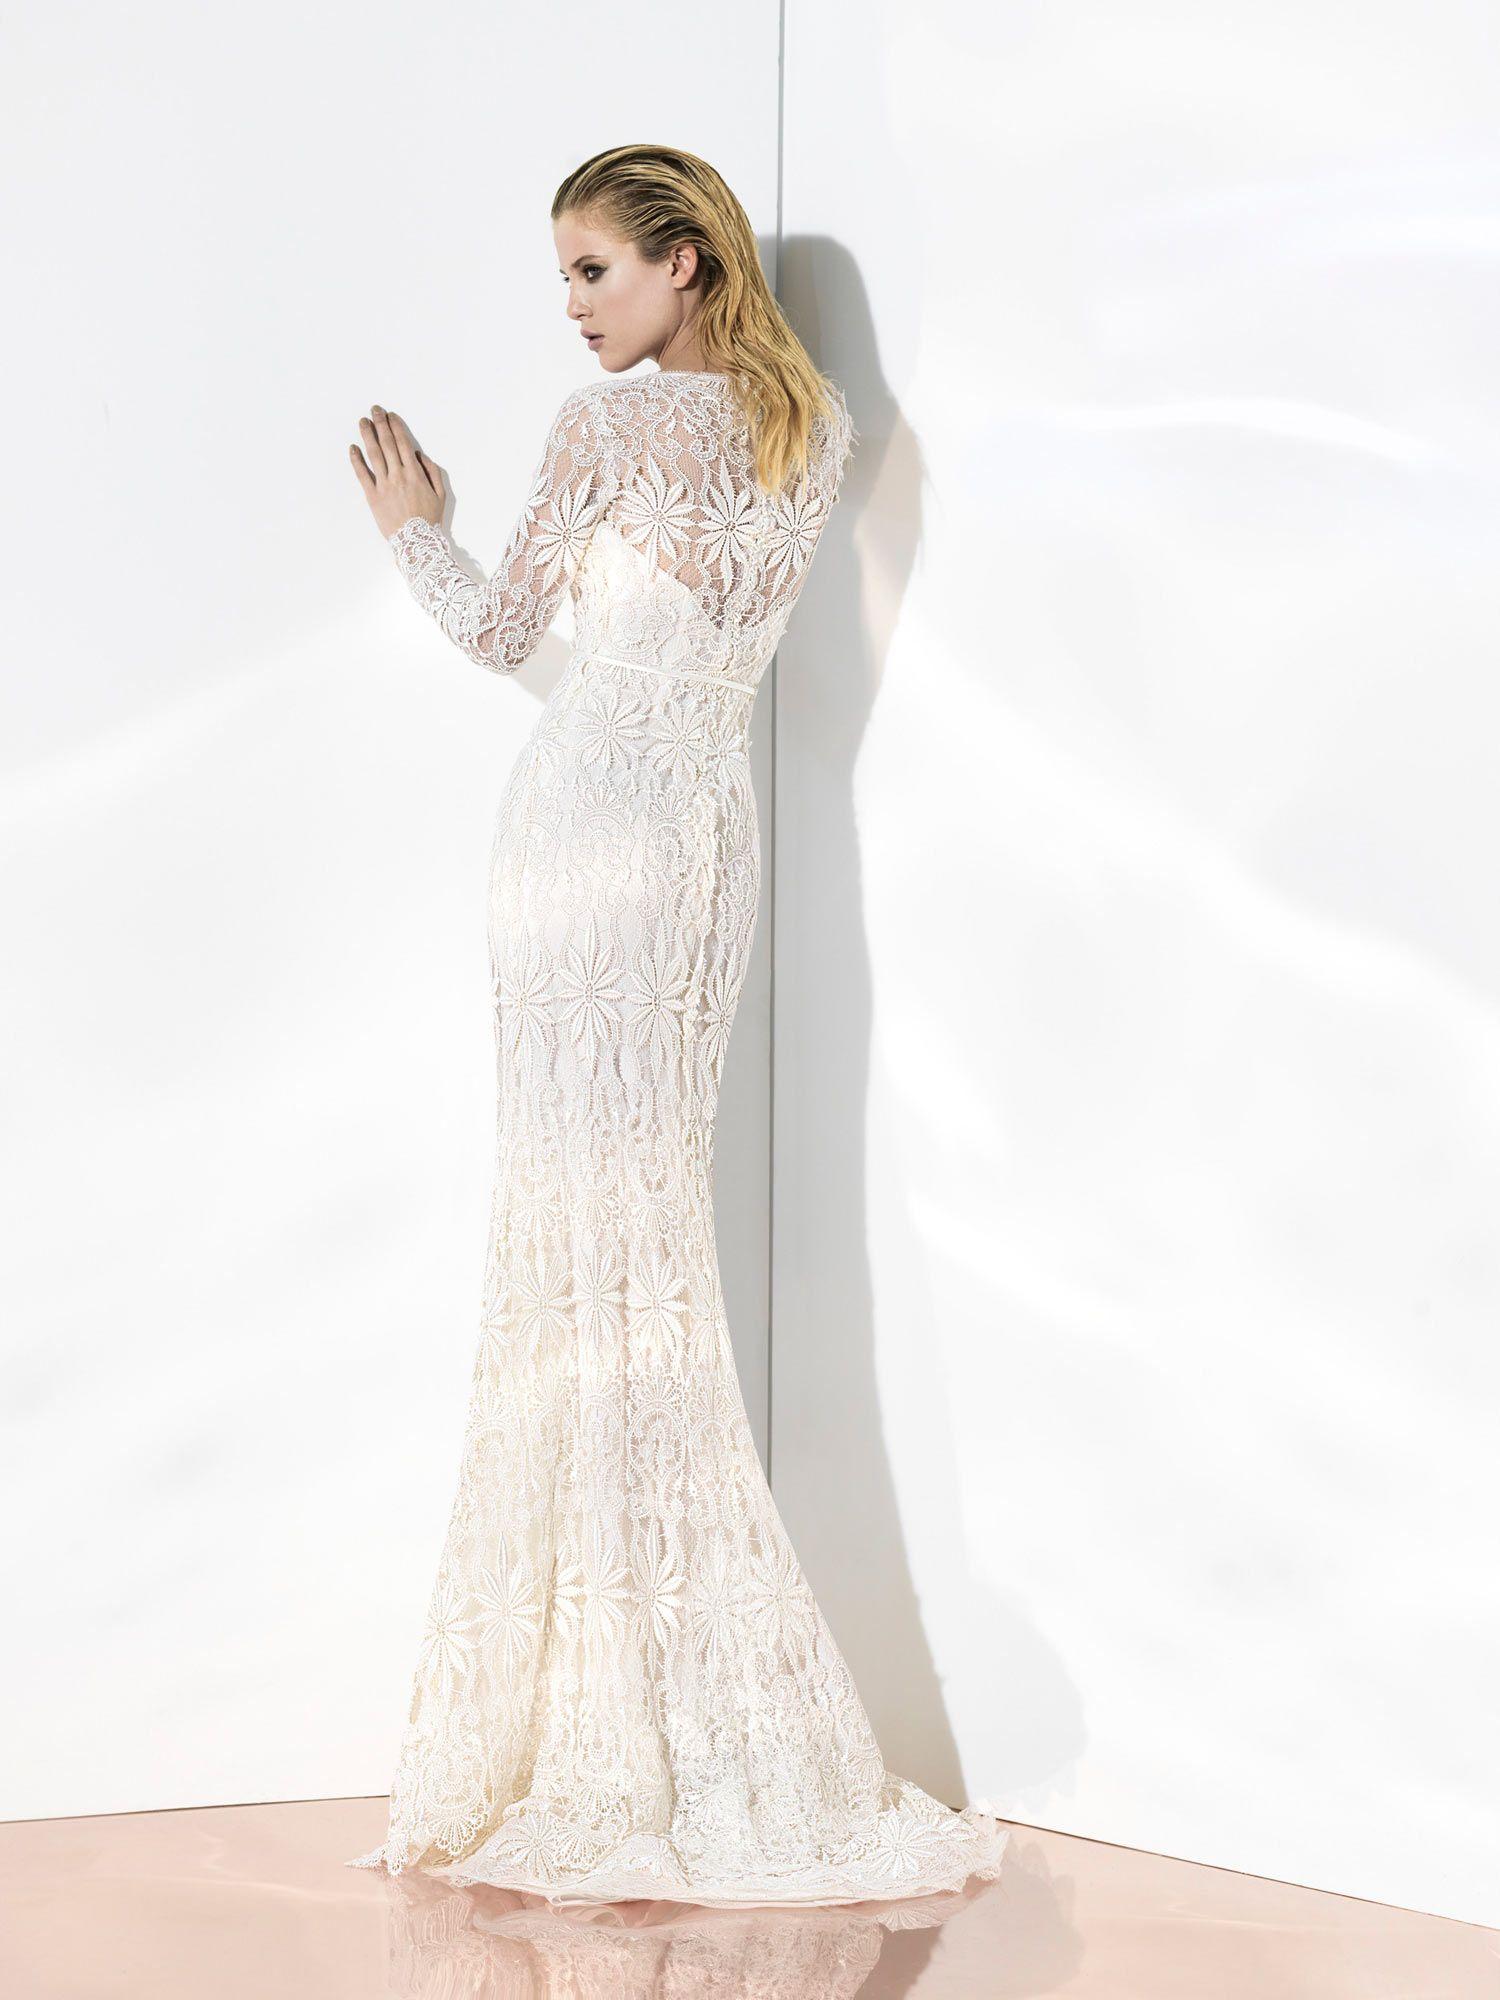 Yolancris fashion wedding dresses u modern bridal gowns